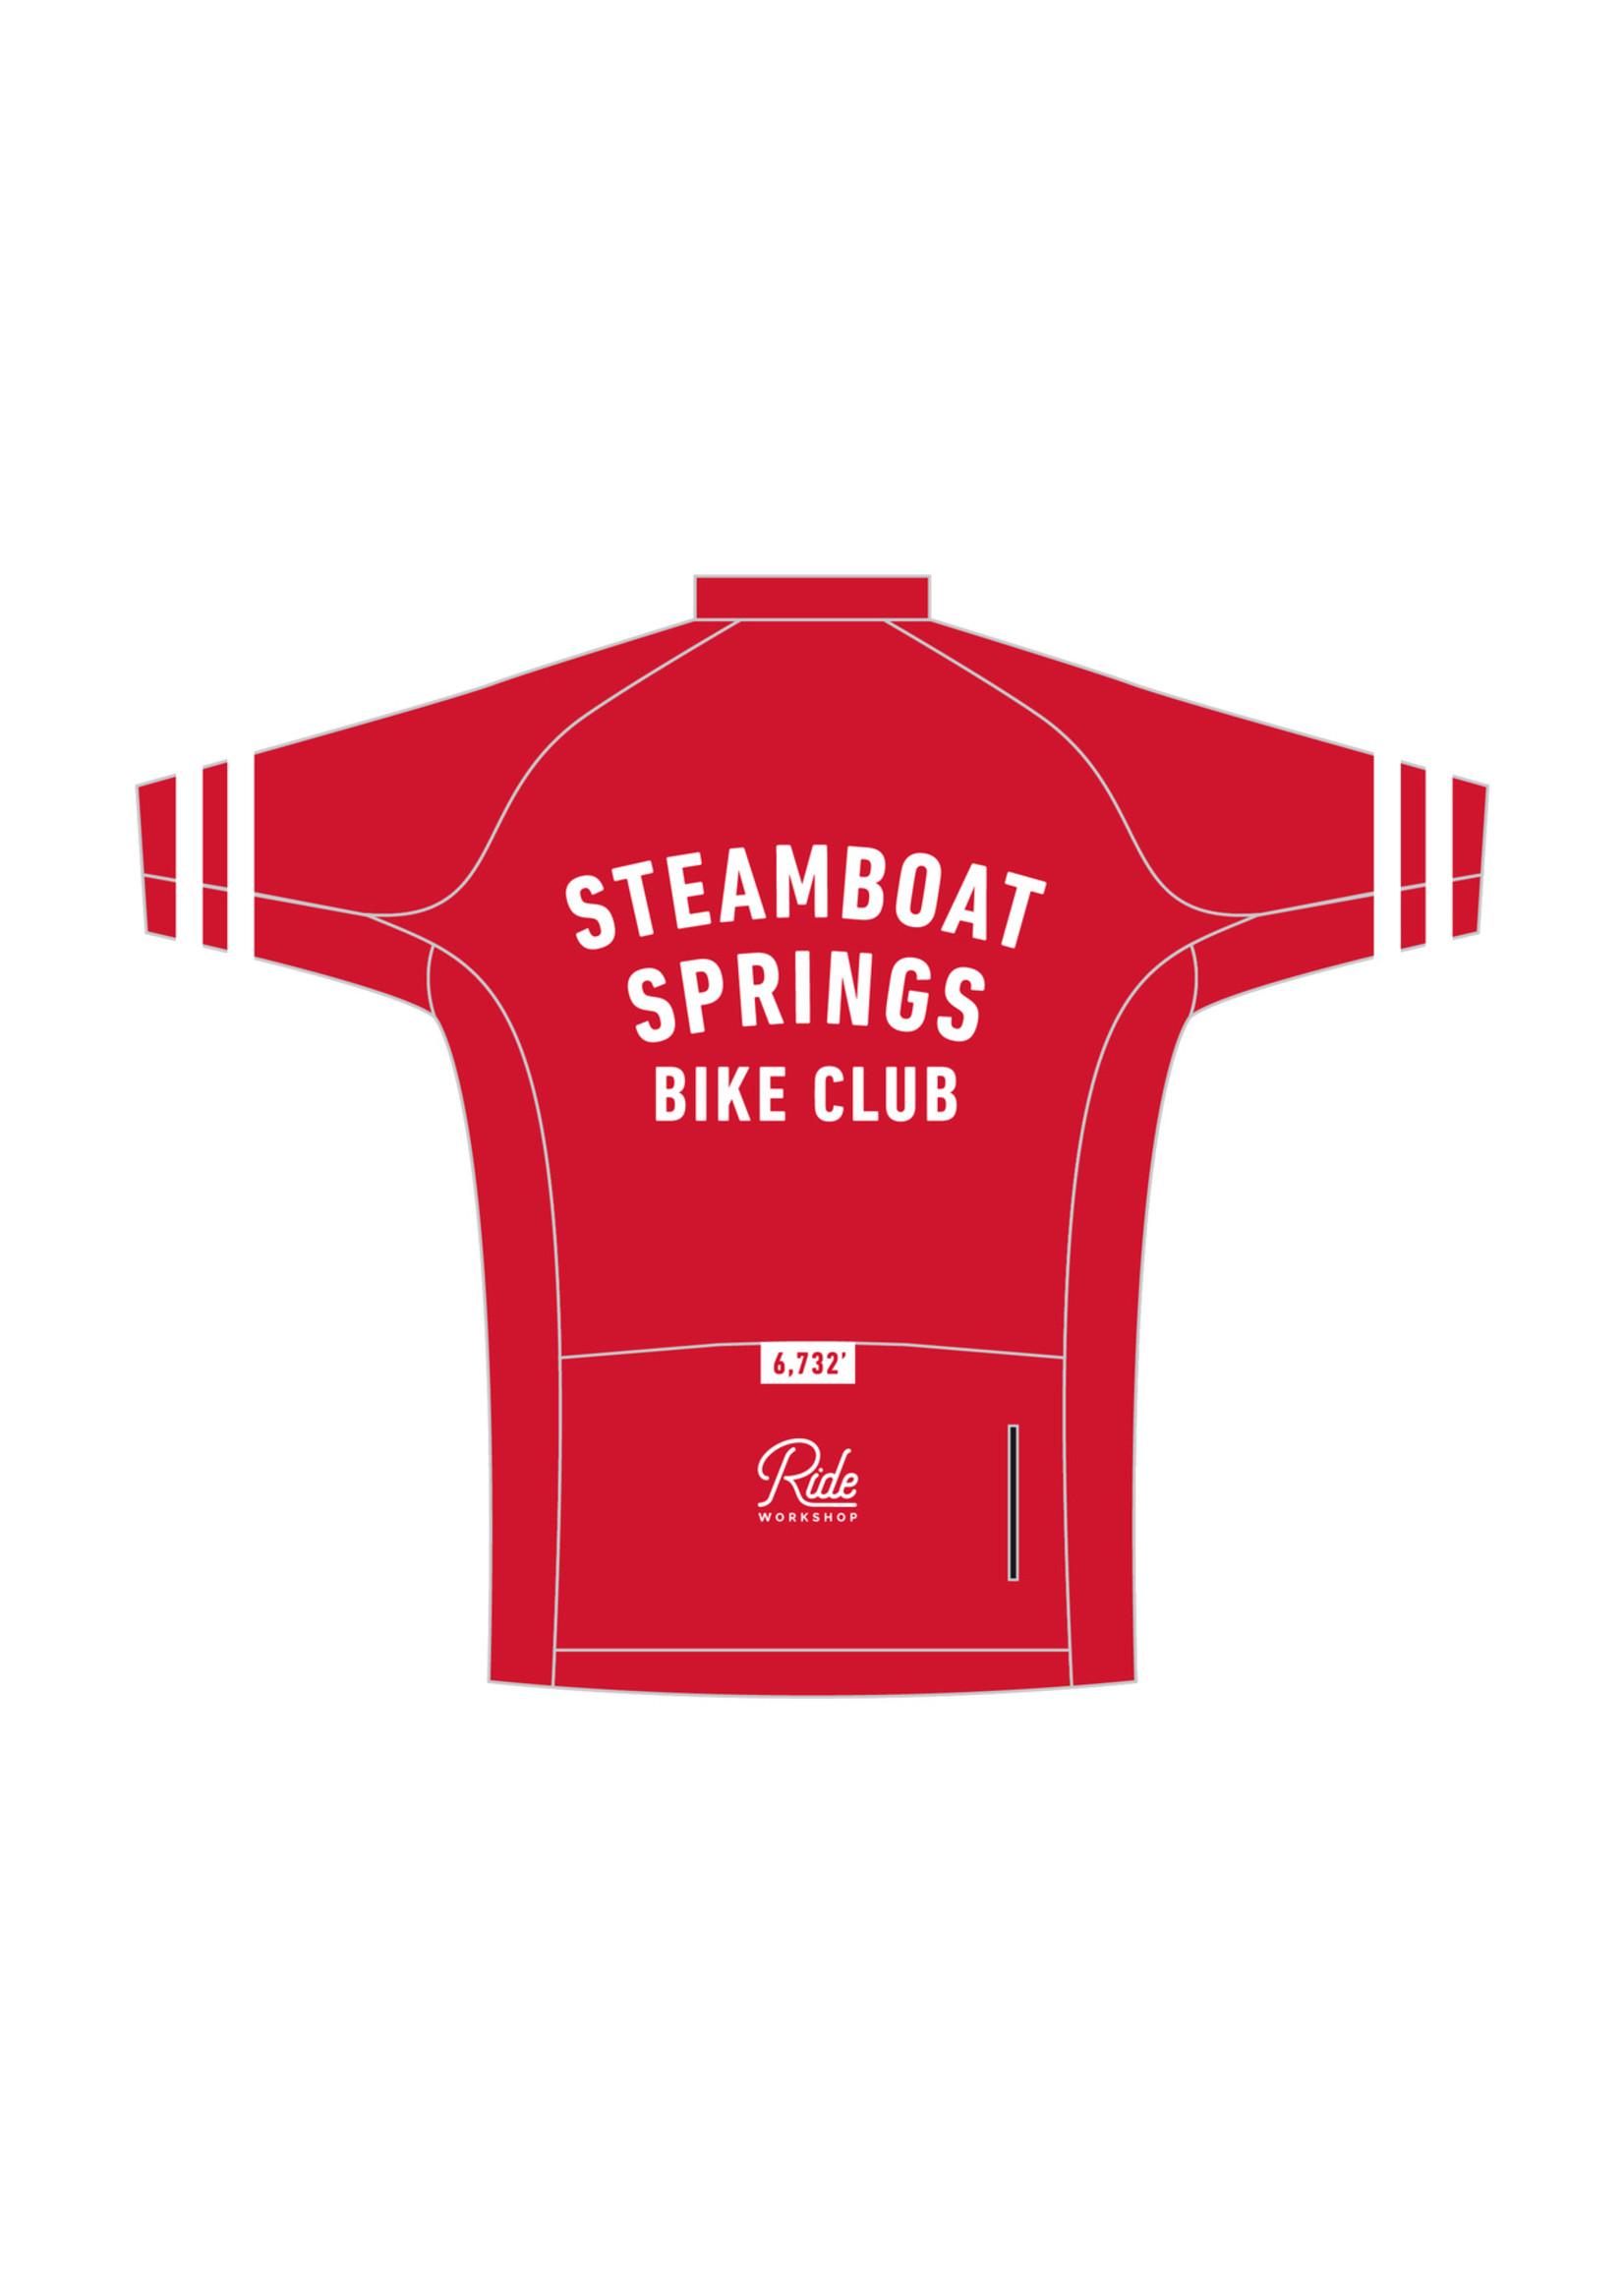 Ride Workshop Steamboat Springs Bike Club Jersey by Ride Workshop